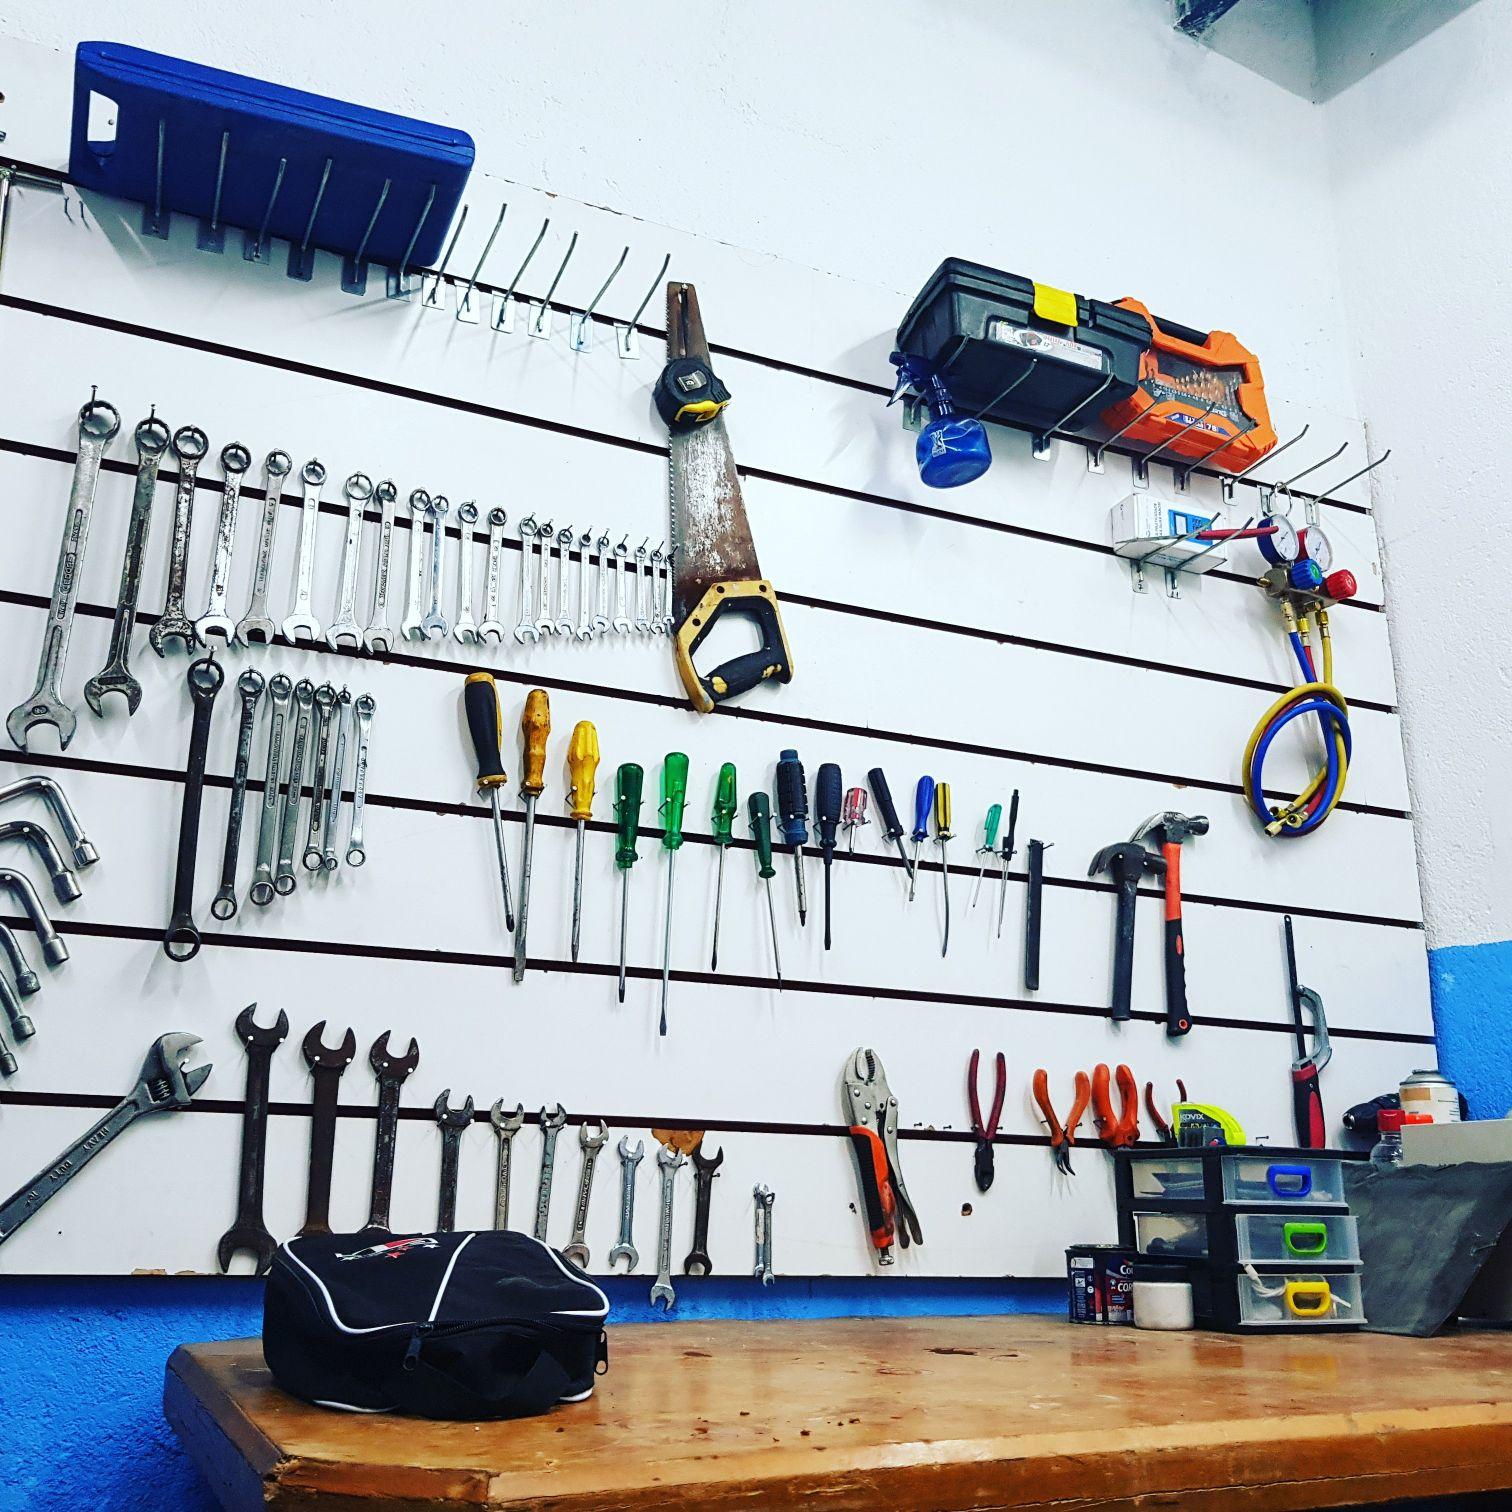 ferramentas em ordens. 🙏